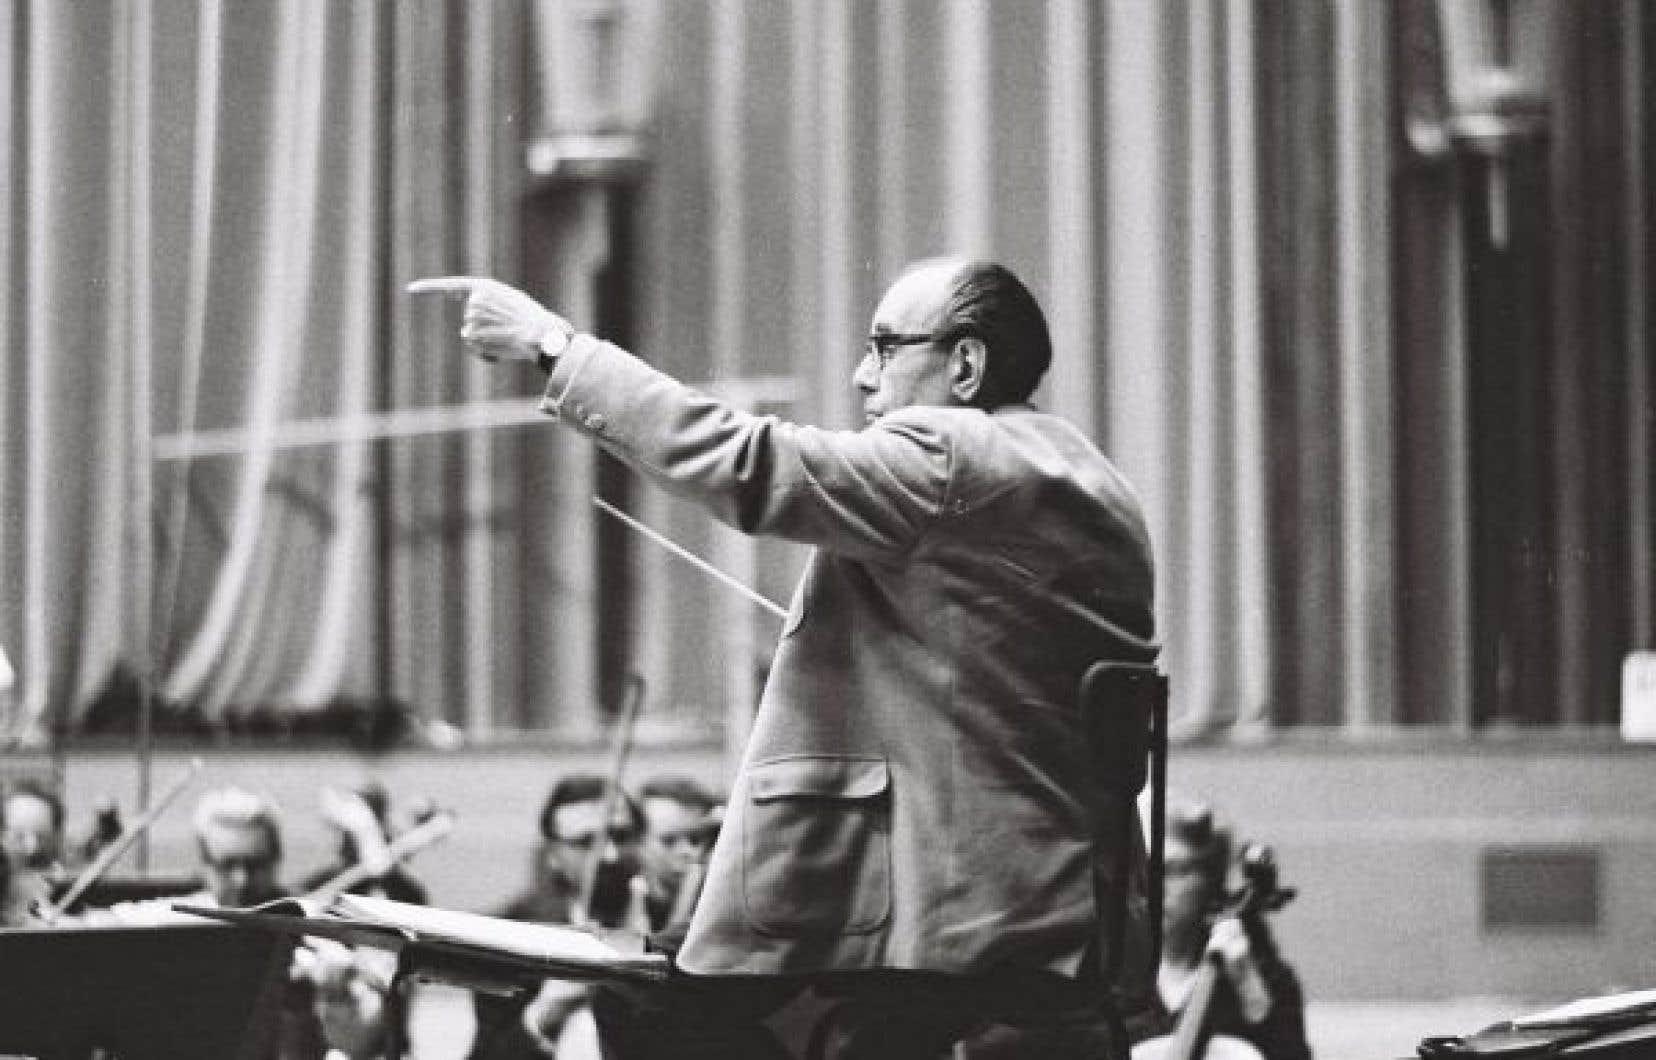 Le chef d'orchestre Hans Swarowsky était resté très discret sur ses activités pendant la Deuxième Guerre mondiale.